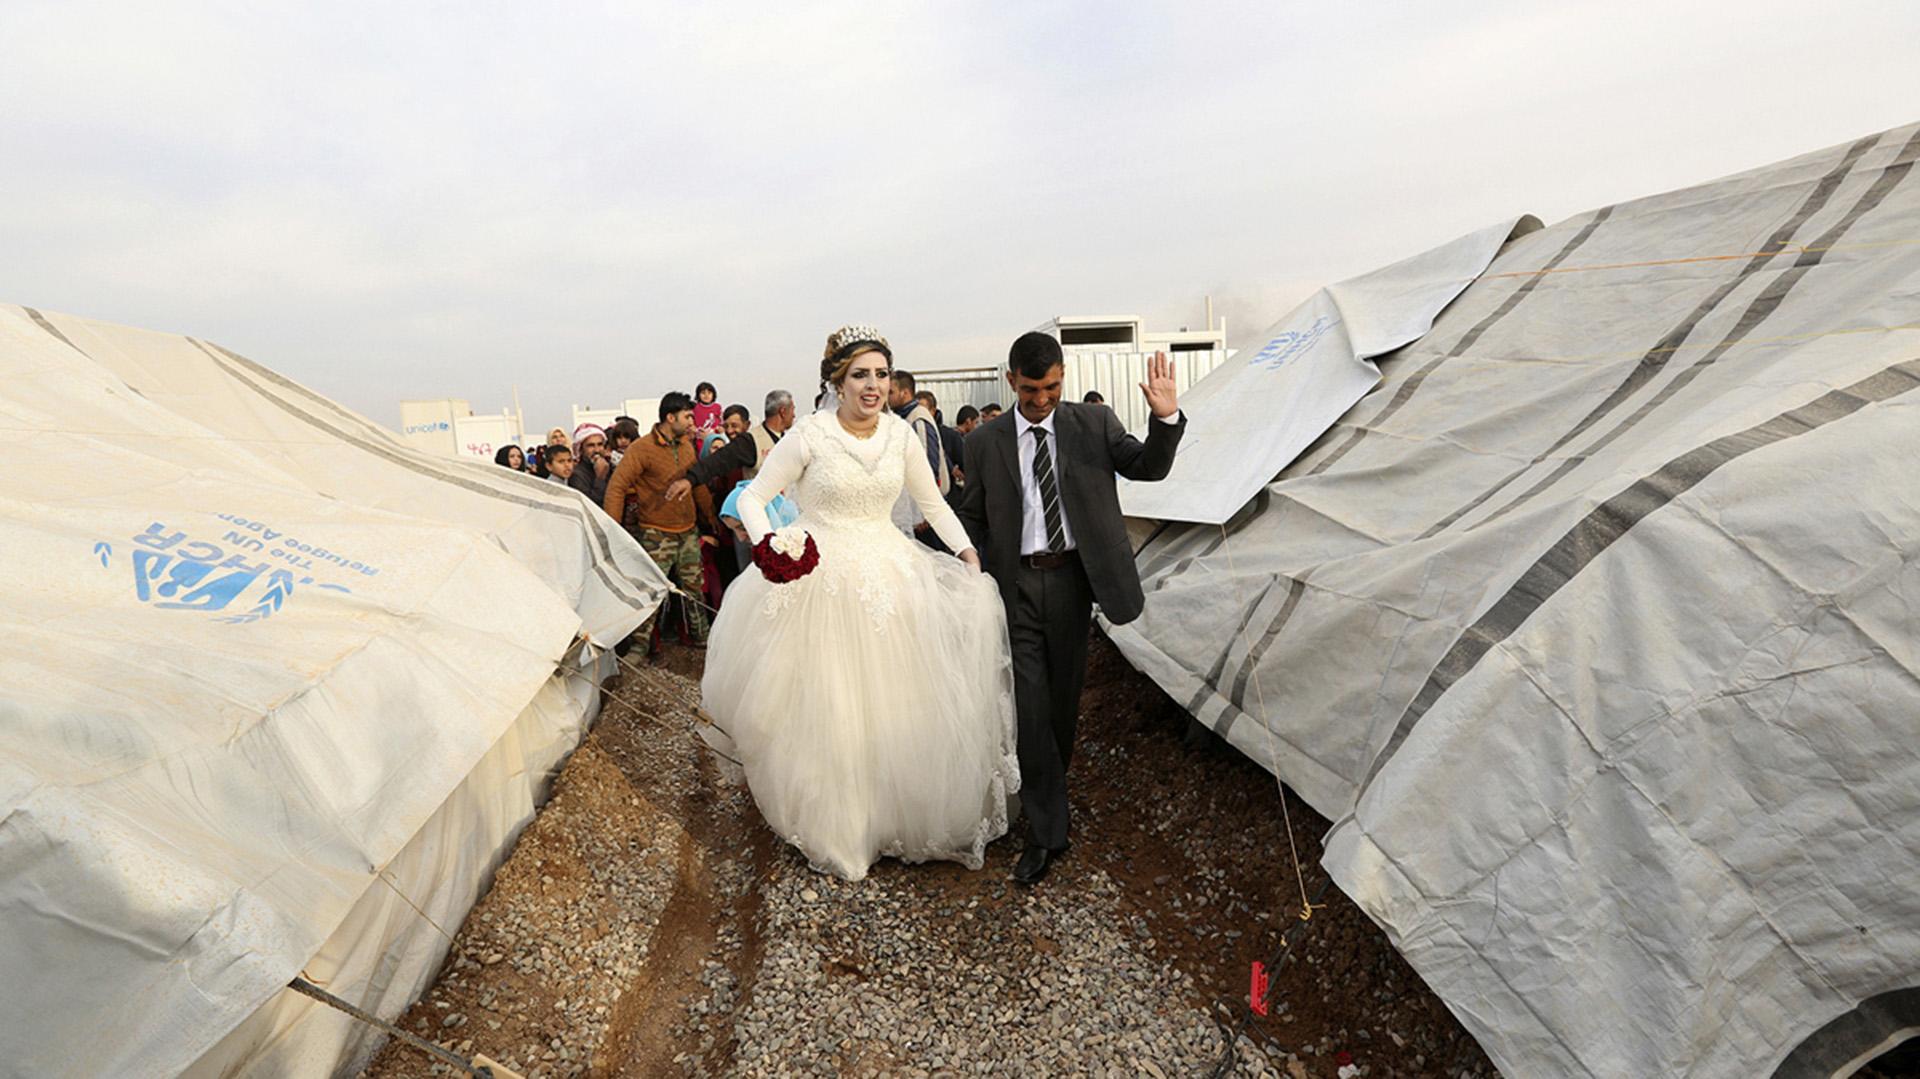 Jassim Mohammed y Amena Ali se casaron en un campo de refugiados en las afueras de Mosul (AP)